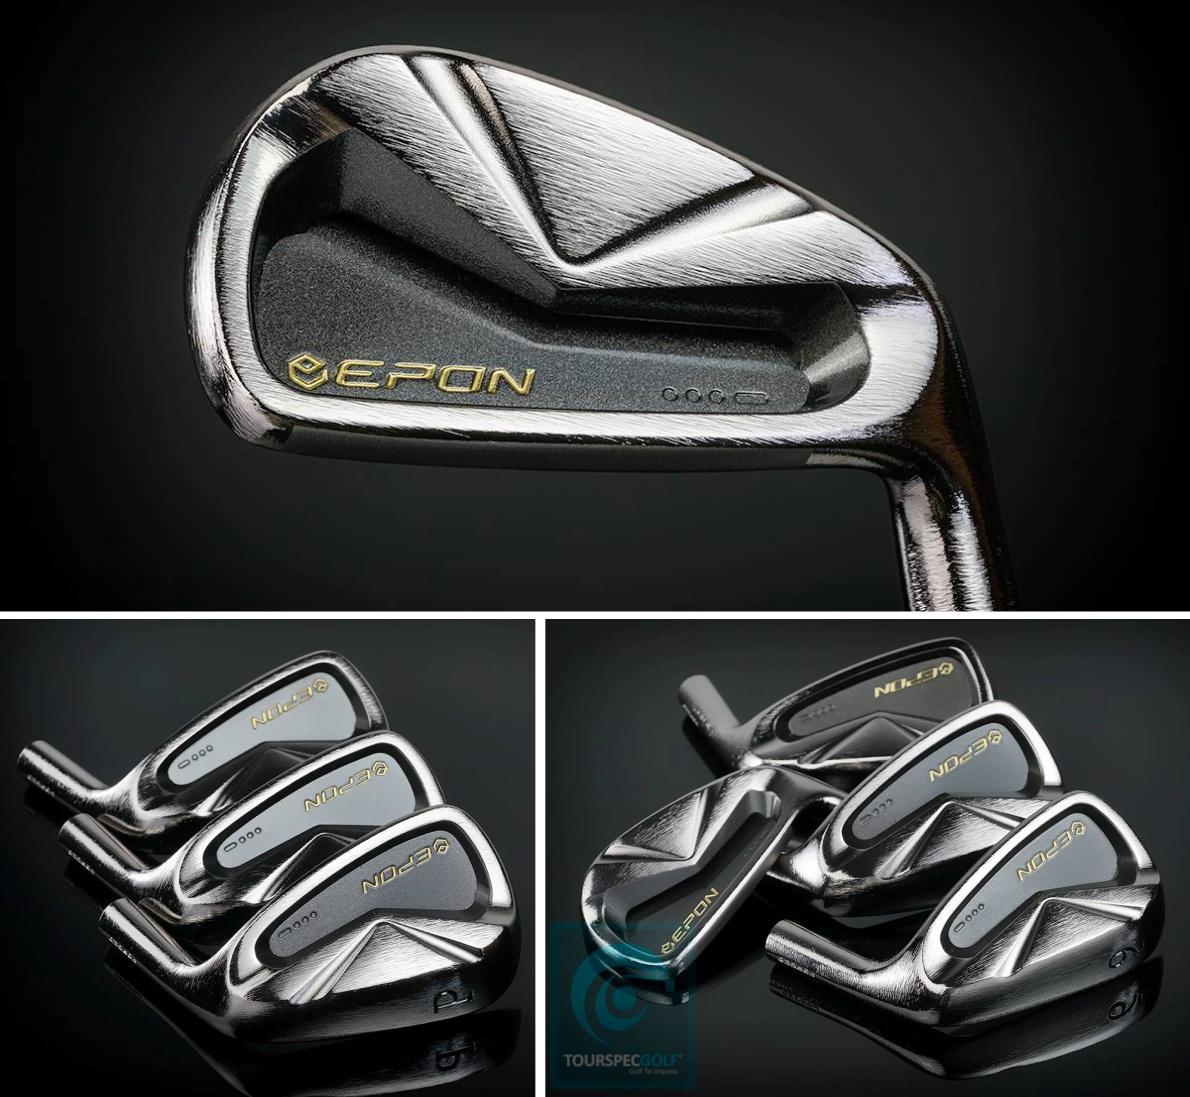 Epon P3 Irons 4-PW